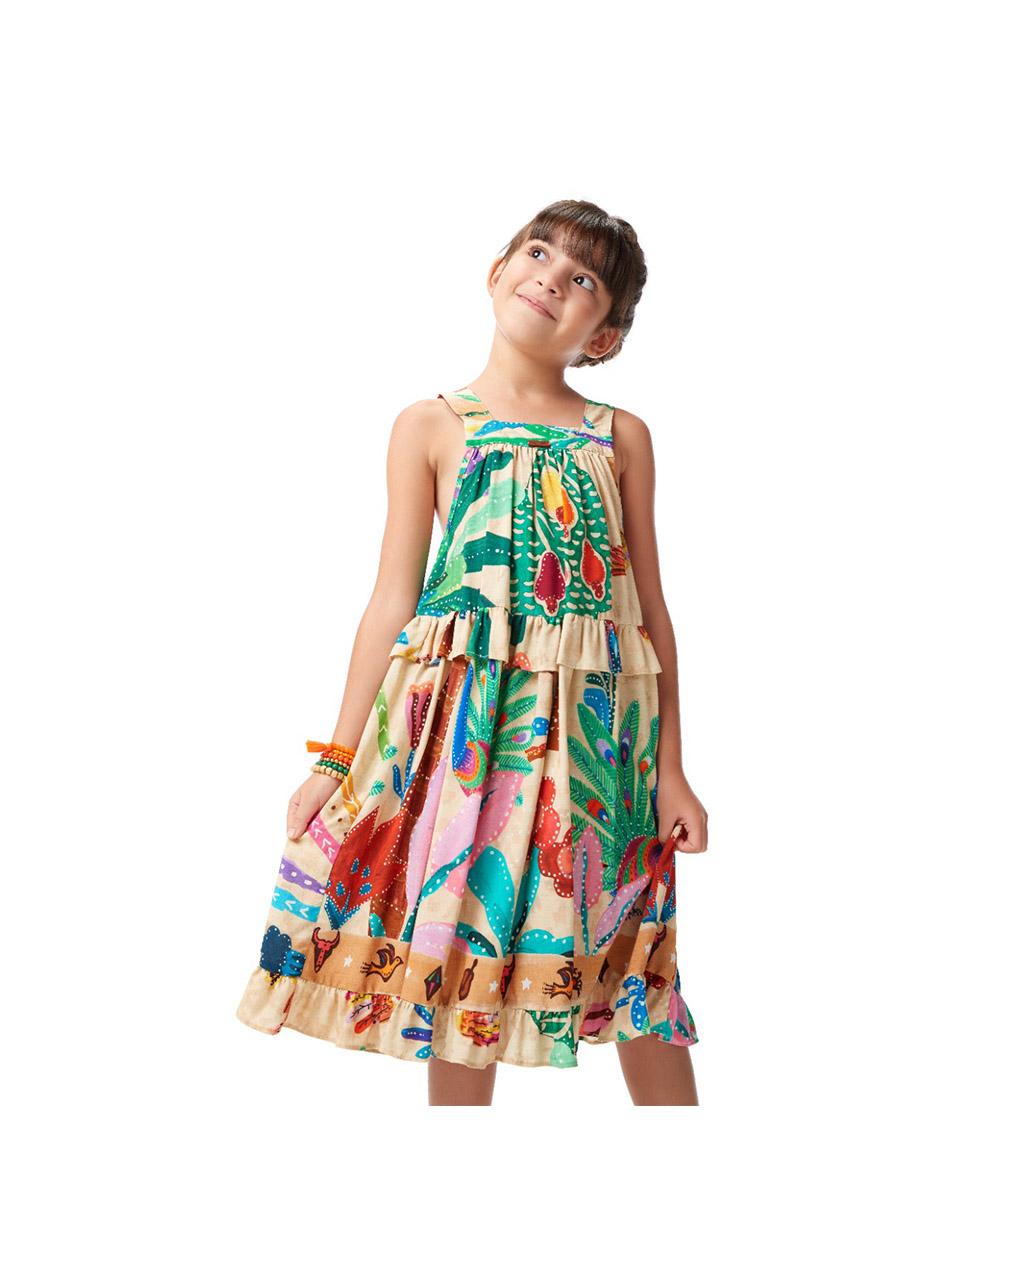 Vestido Infantil Detalhes Colorido Natureza Camu Camu